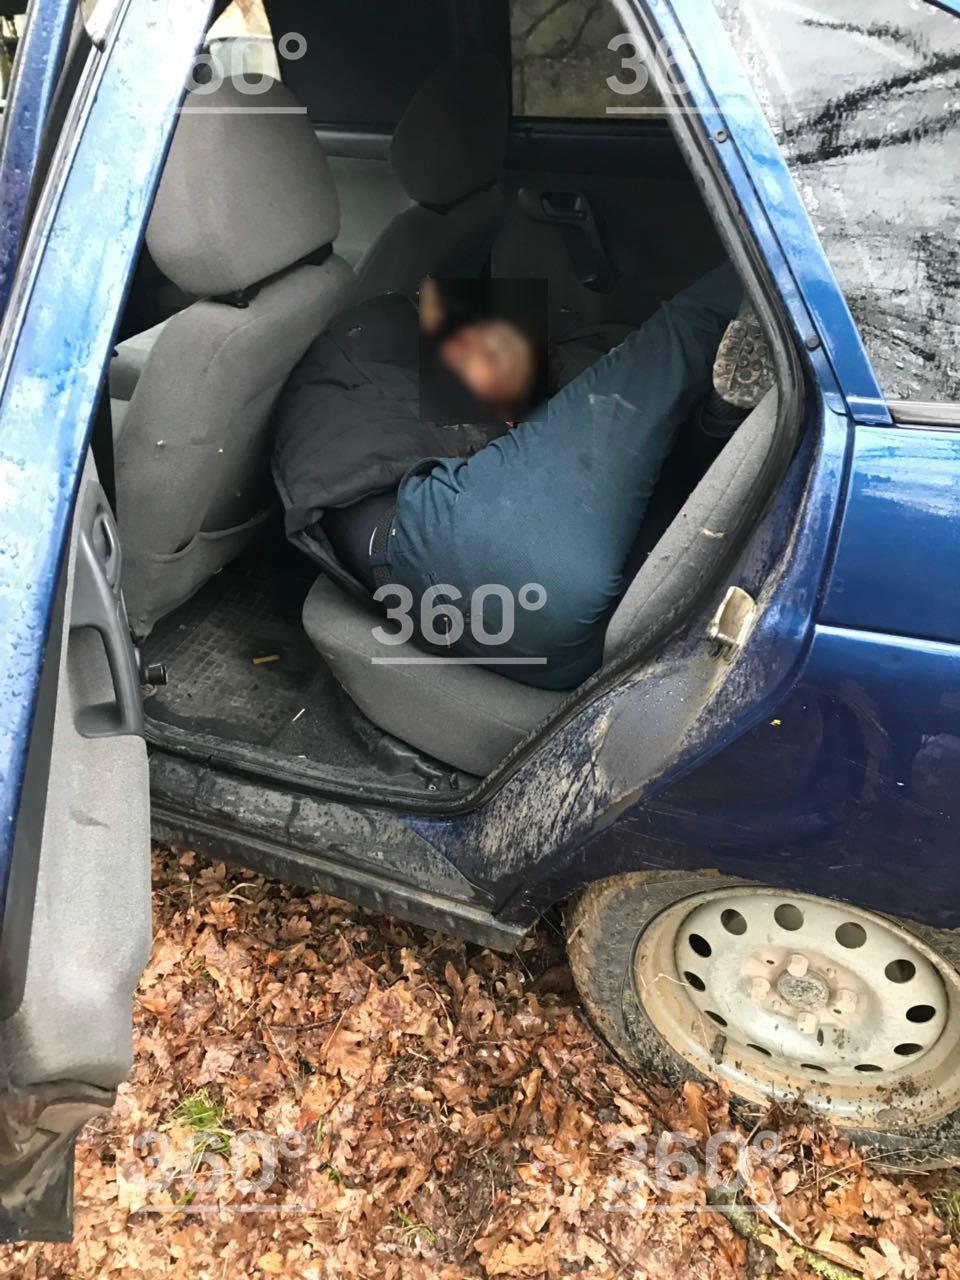 Появились фотографии с места убийства дагестанских силовиков | Изображение 2